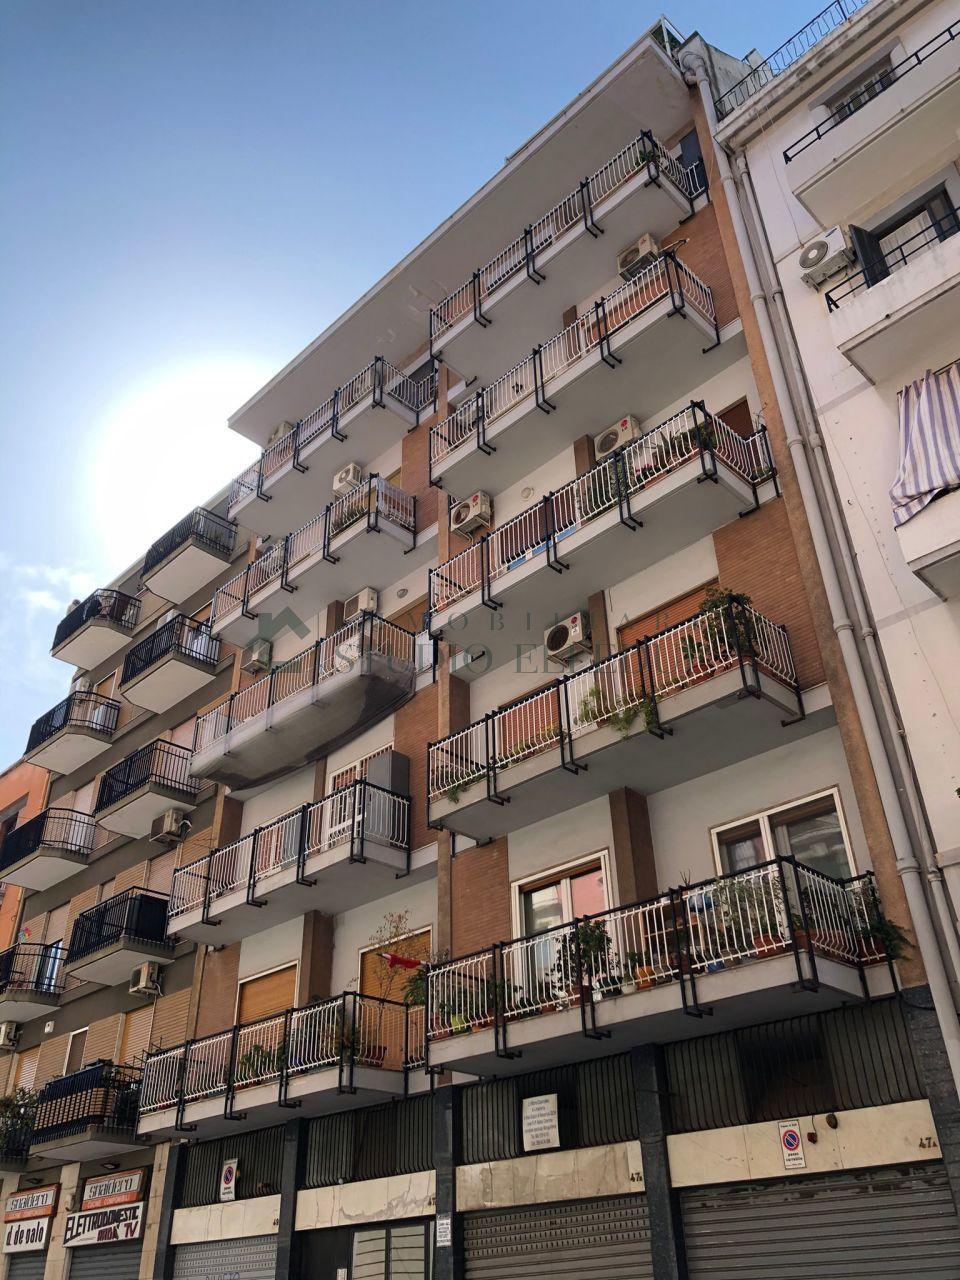 Attico / Mansarda in vendita a Bari, 3 locali, prezzo € 180.000   PortaleAgenzieImmobiliari.it